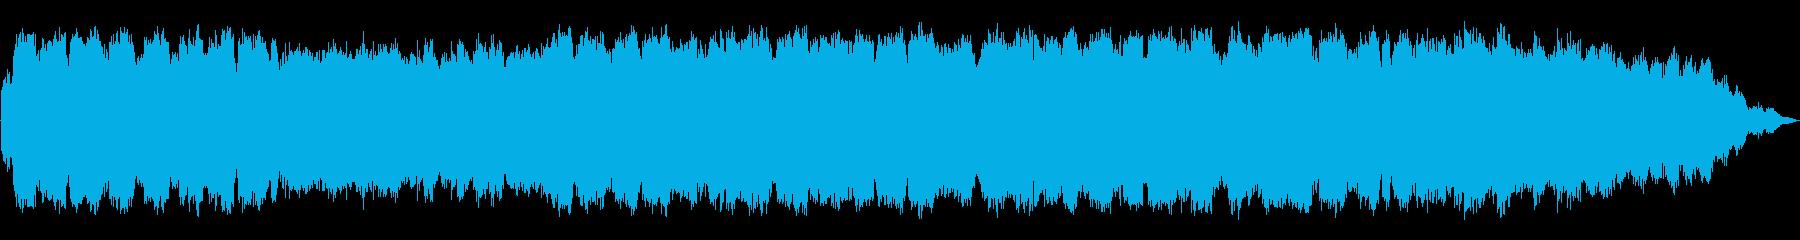 ゆったりしたリズムの笛のヒーリング音楽の再生済みの波形